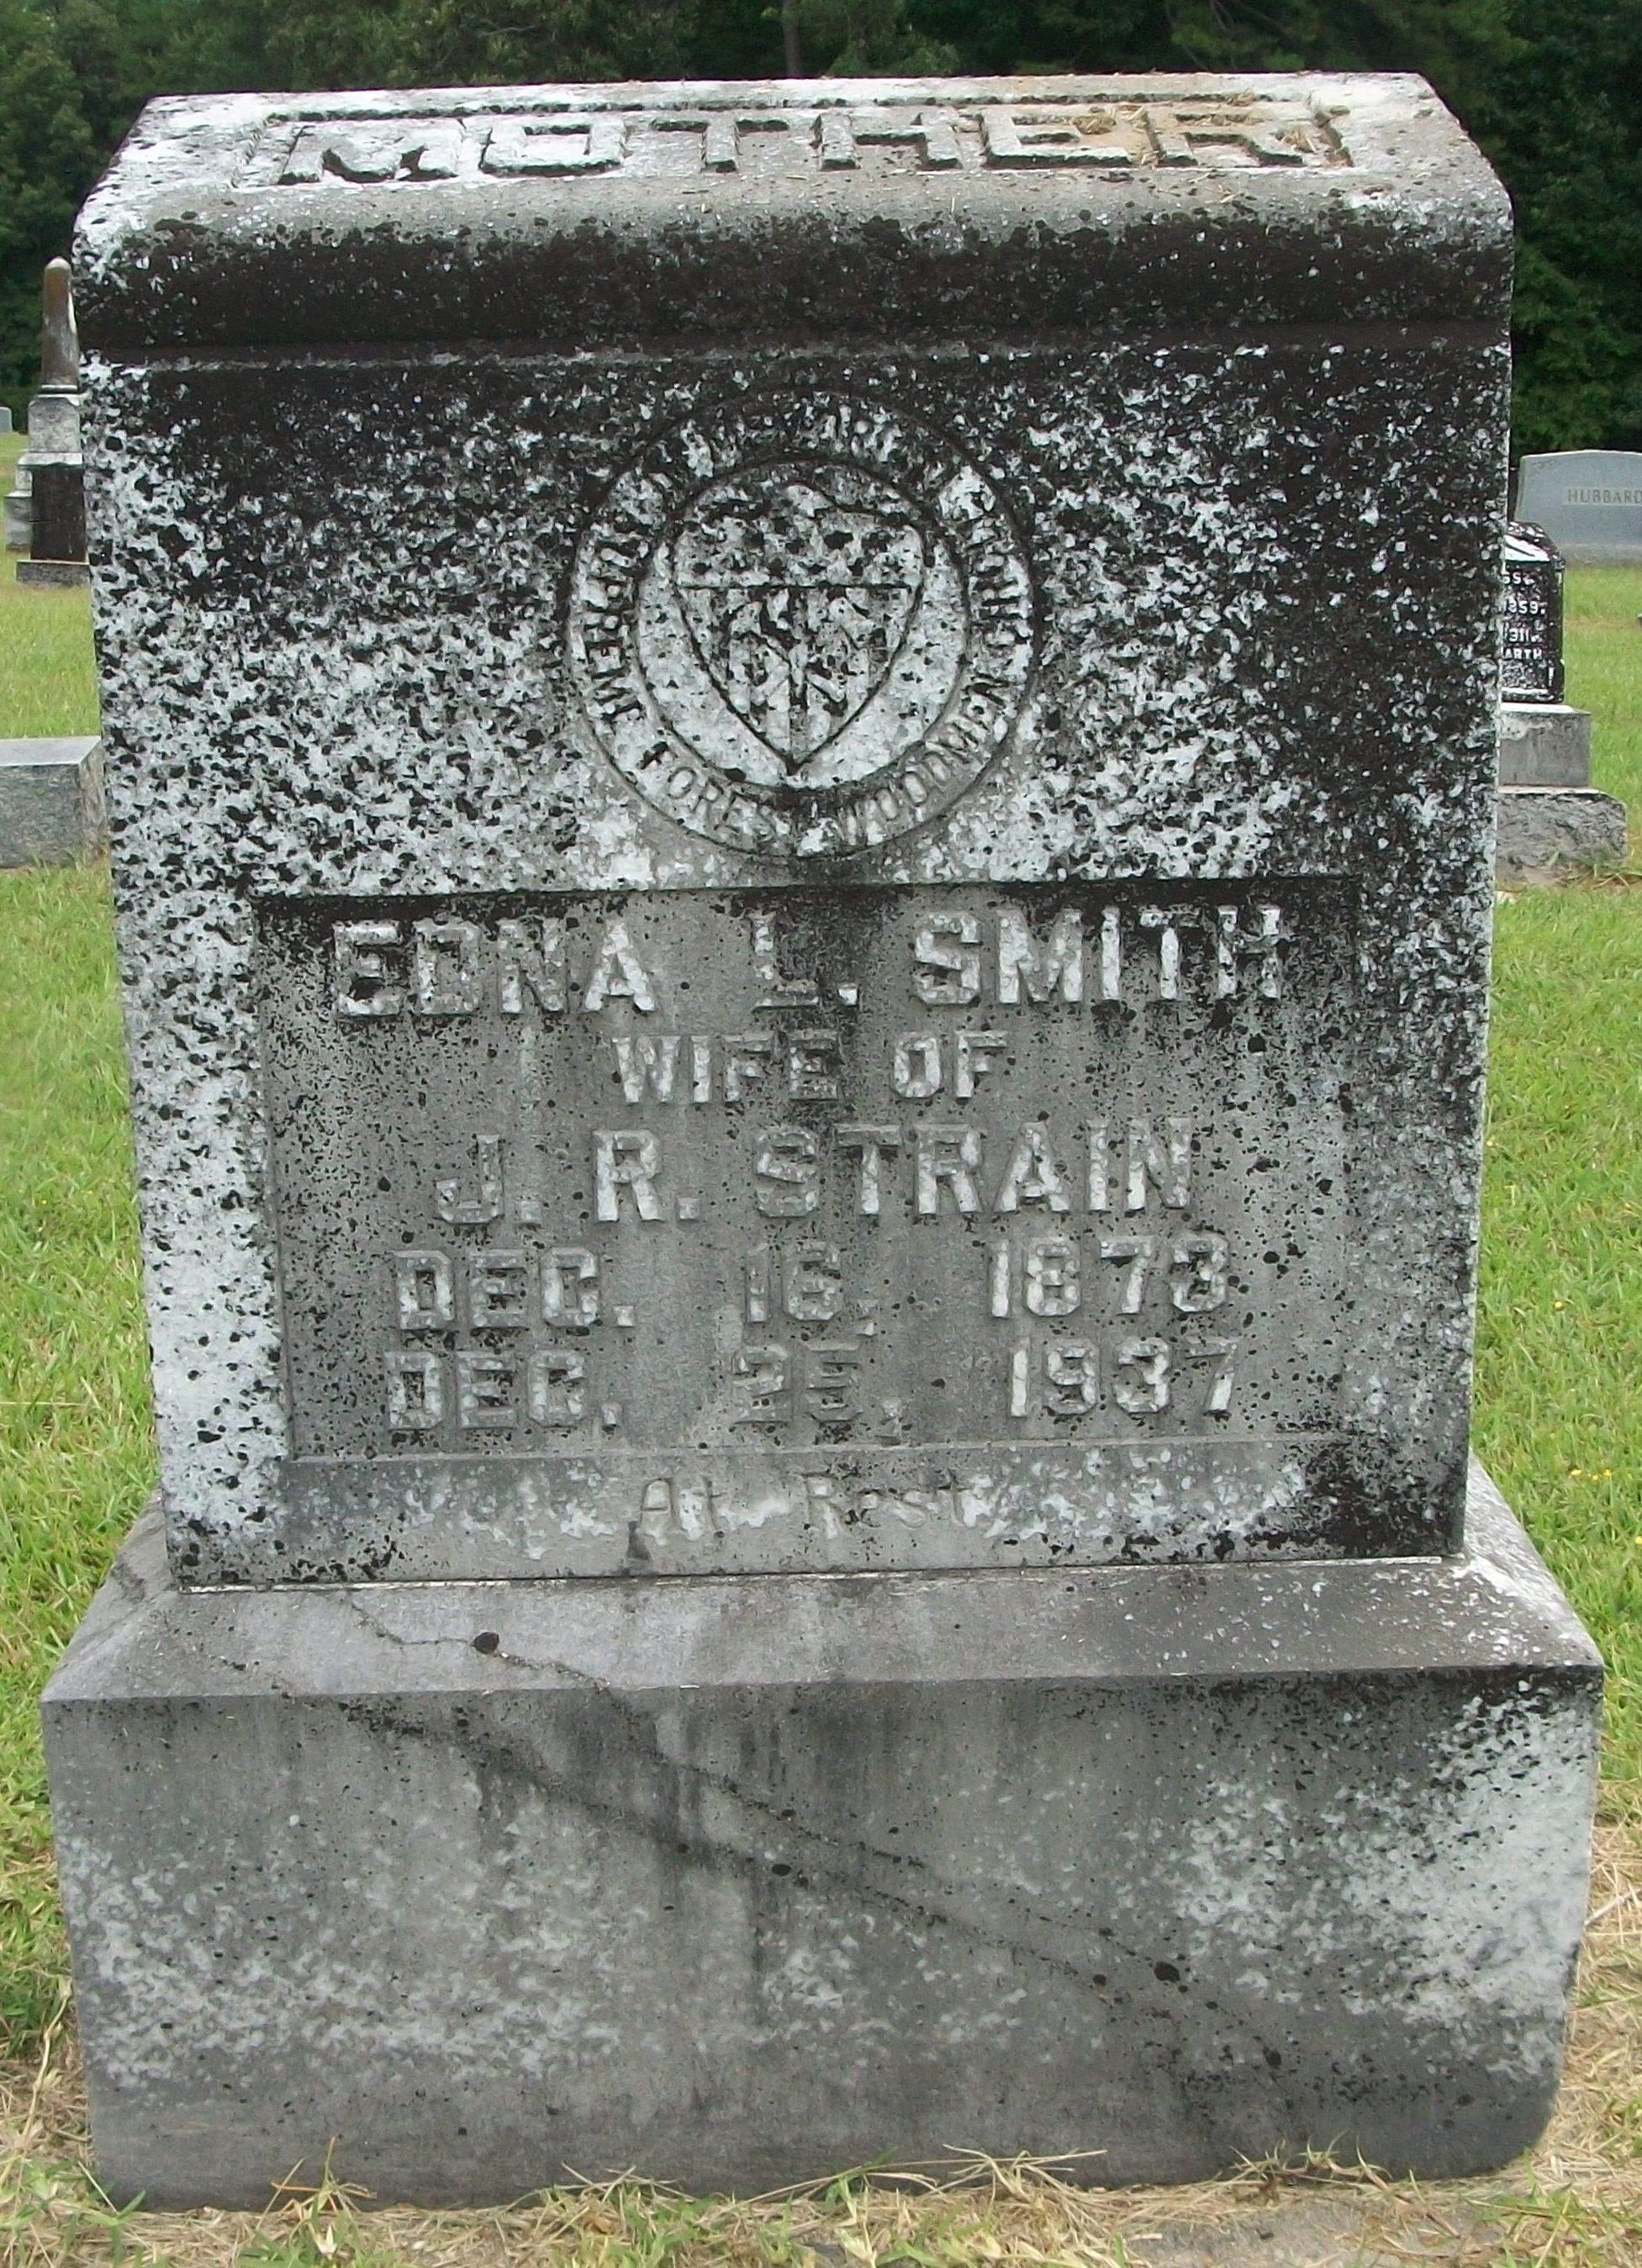 Edna L. <i>Smith</i> Strain